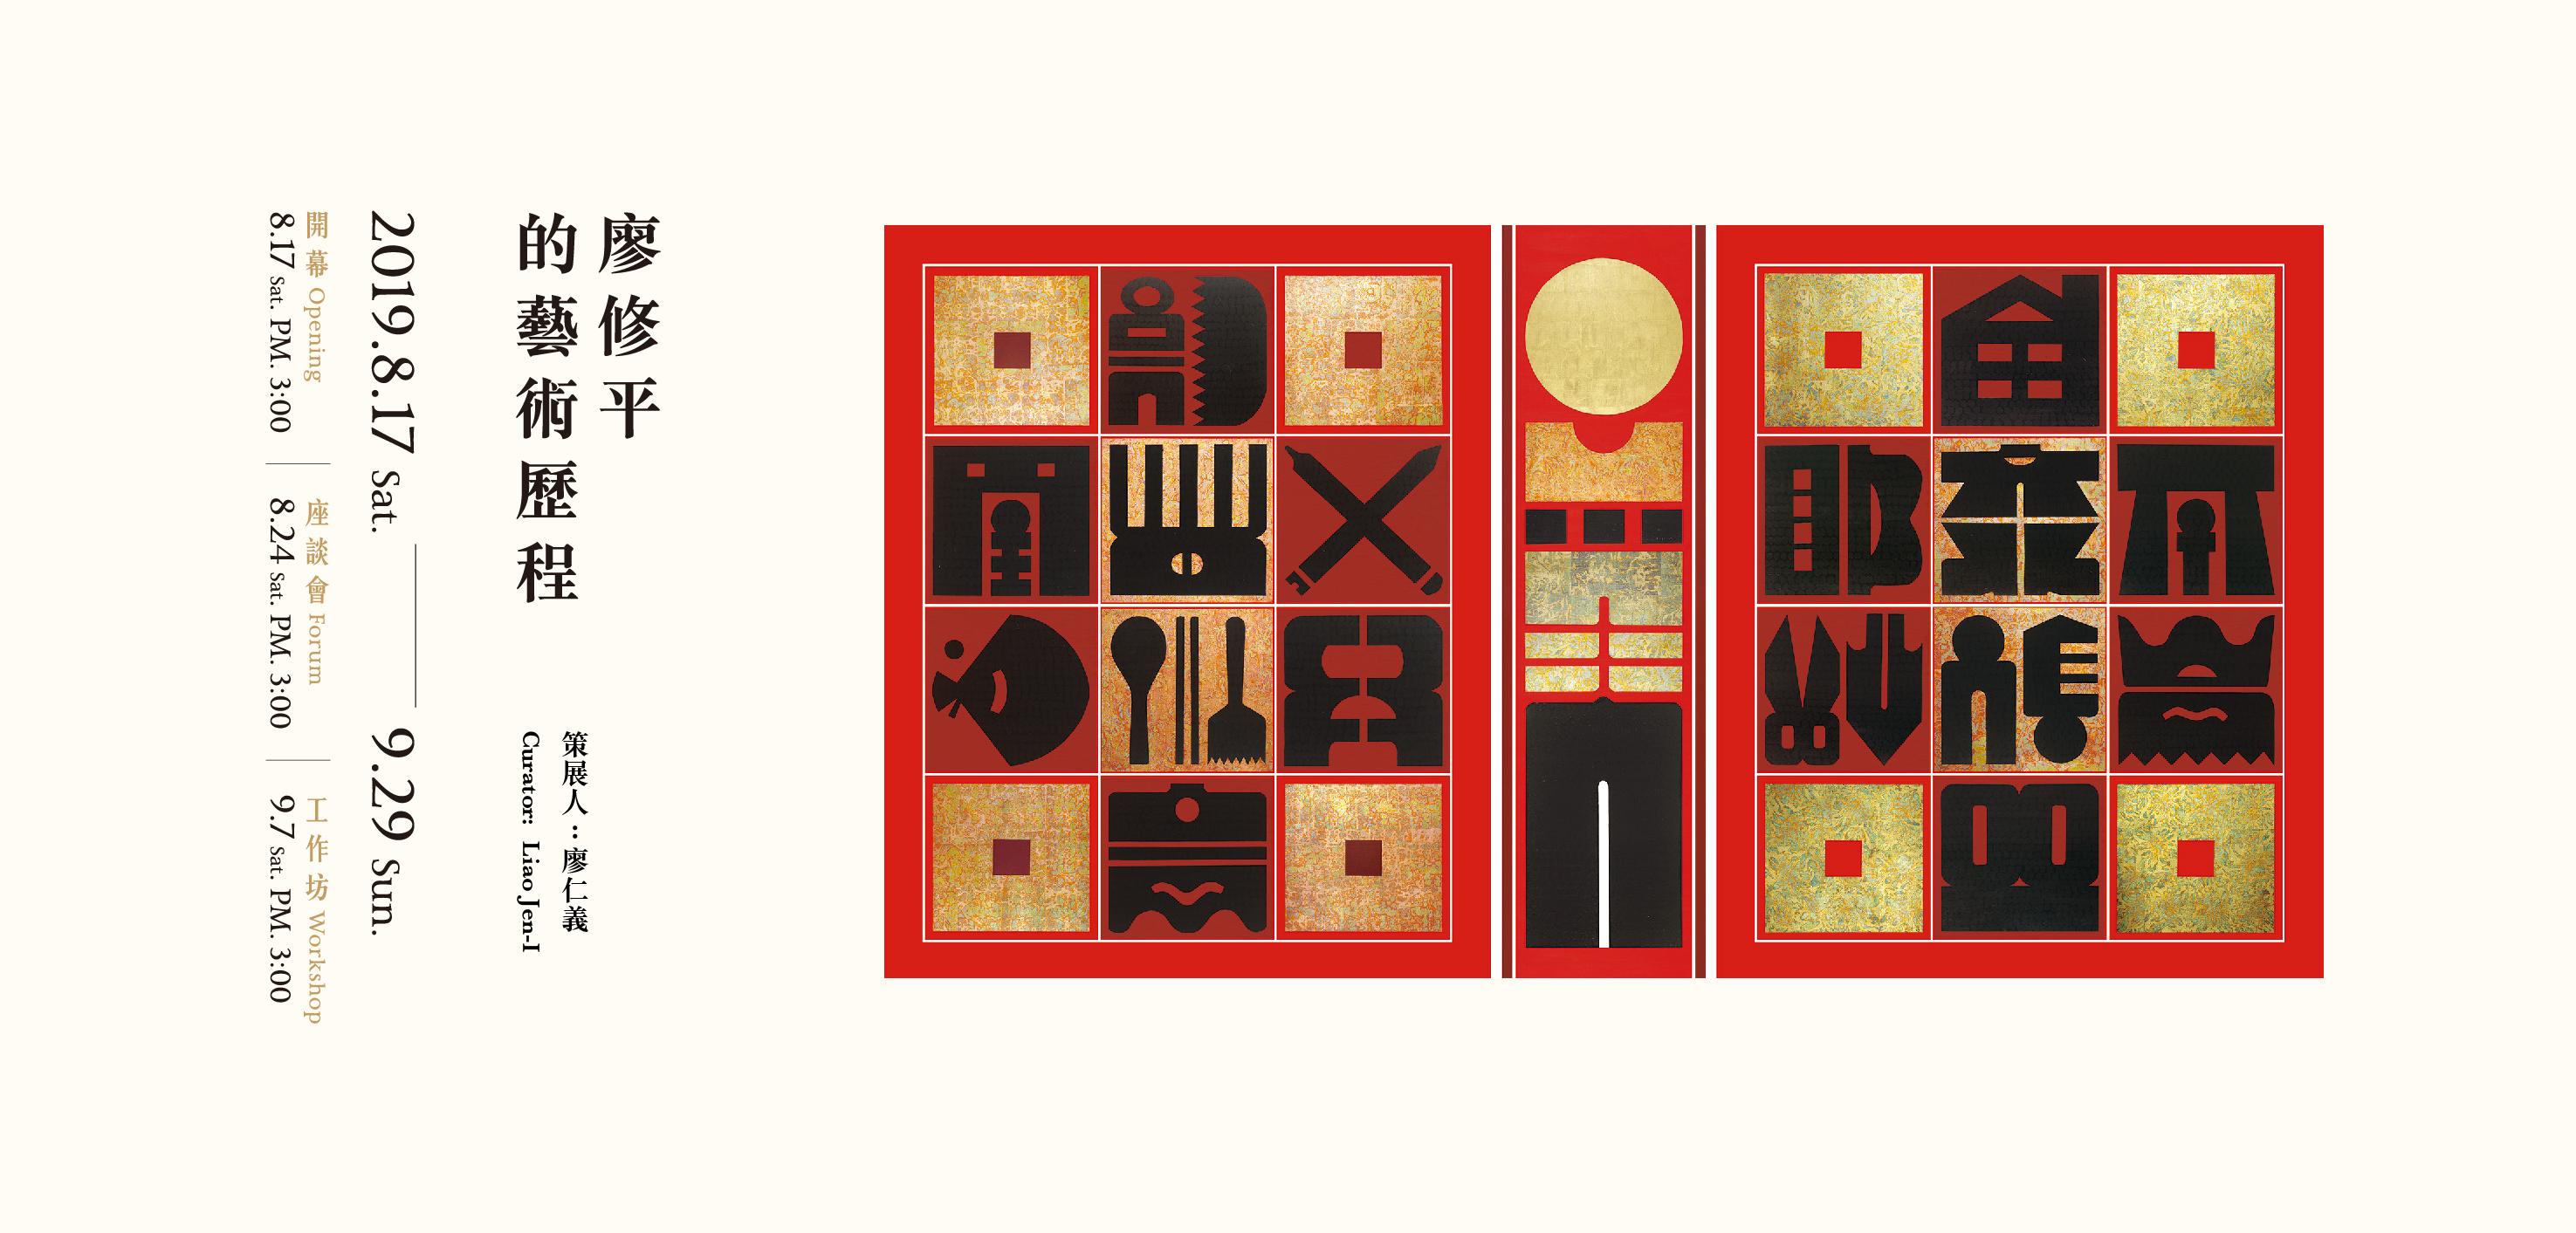 樸素高貴:廖修平的藝術歷程